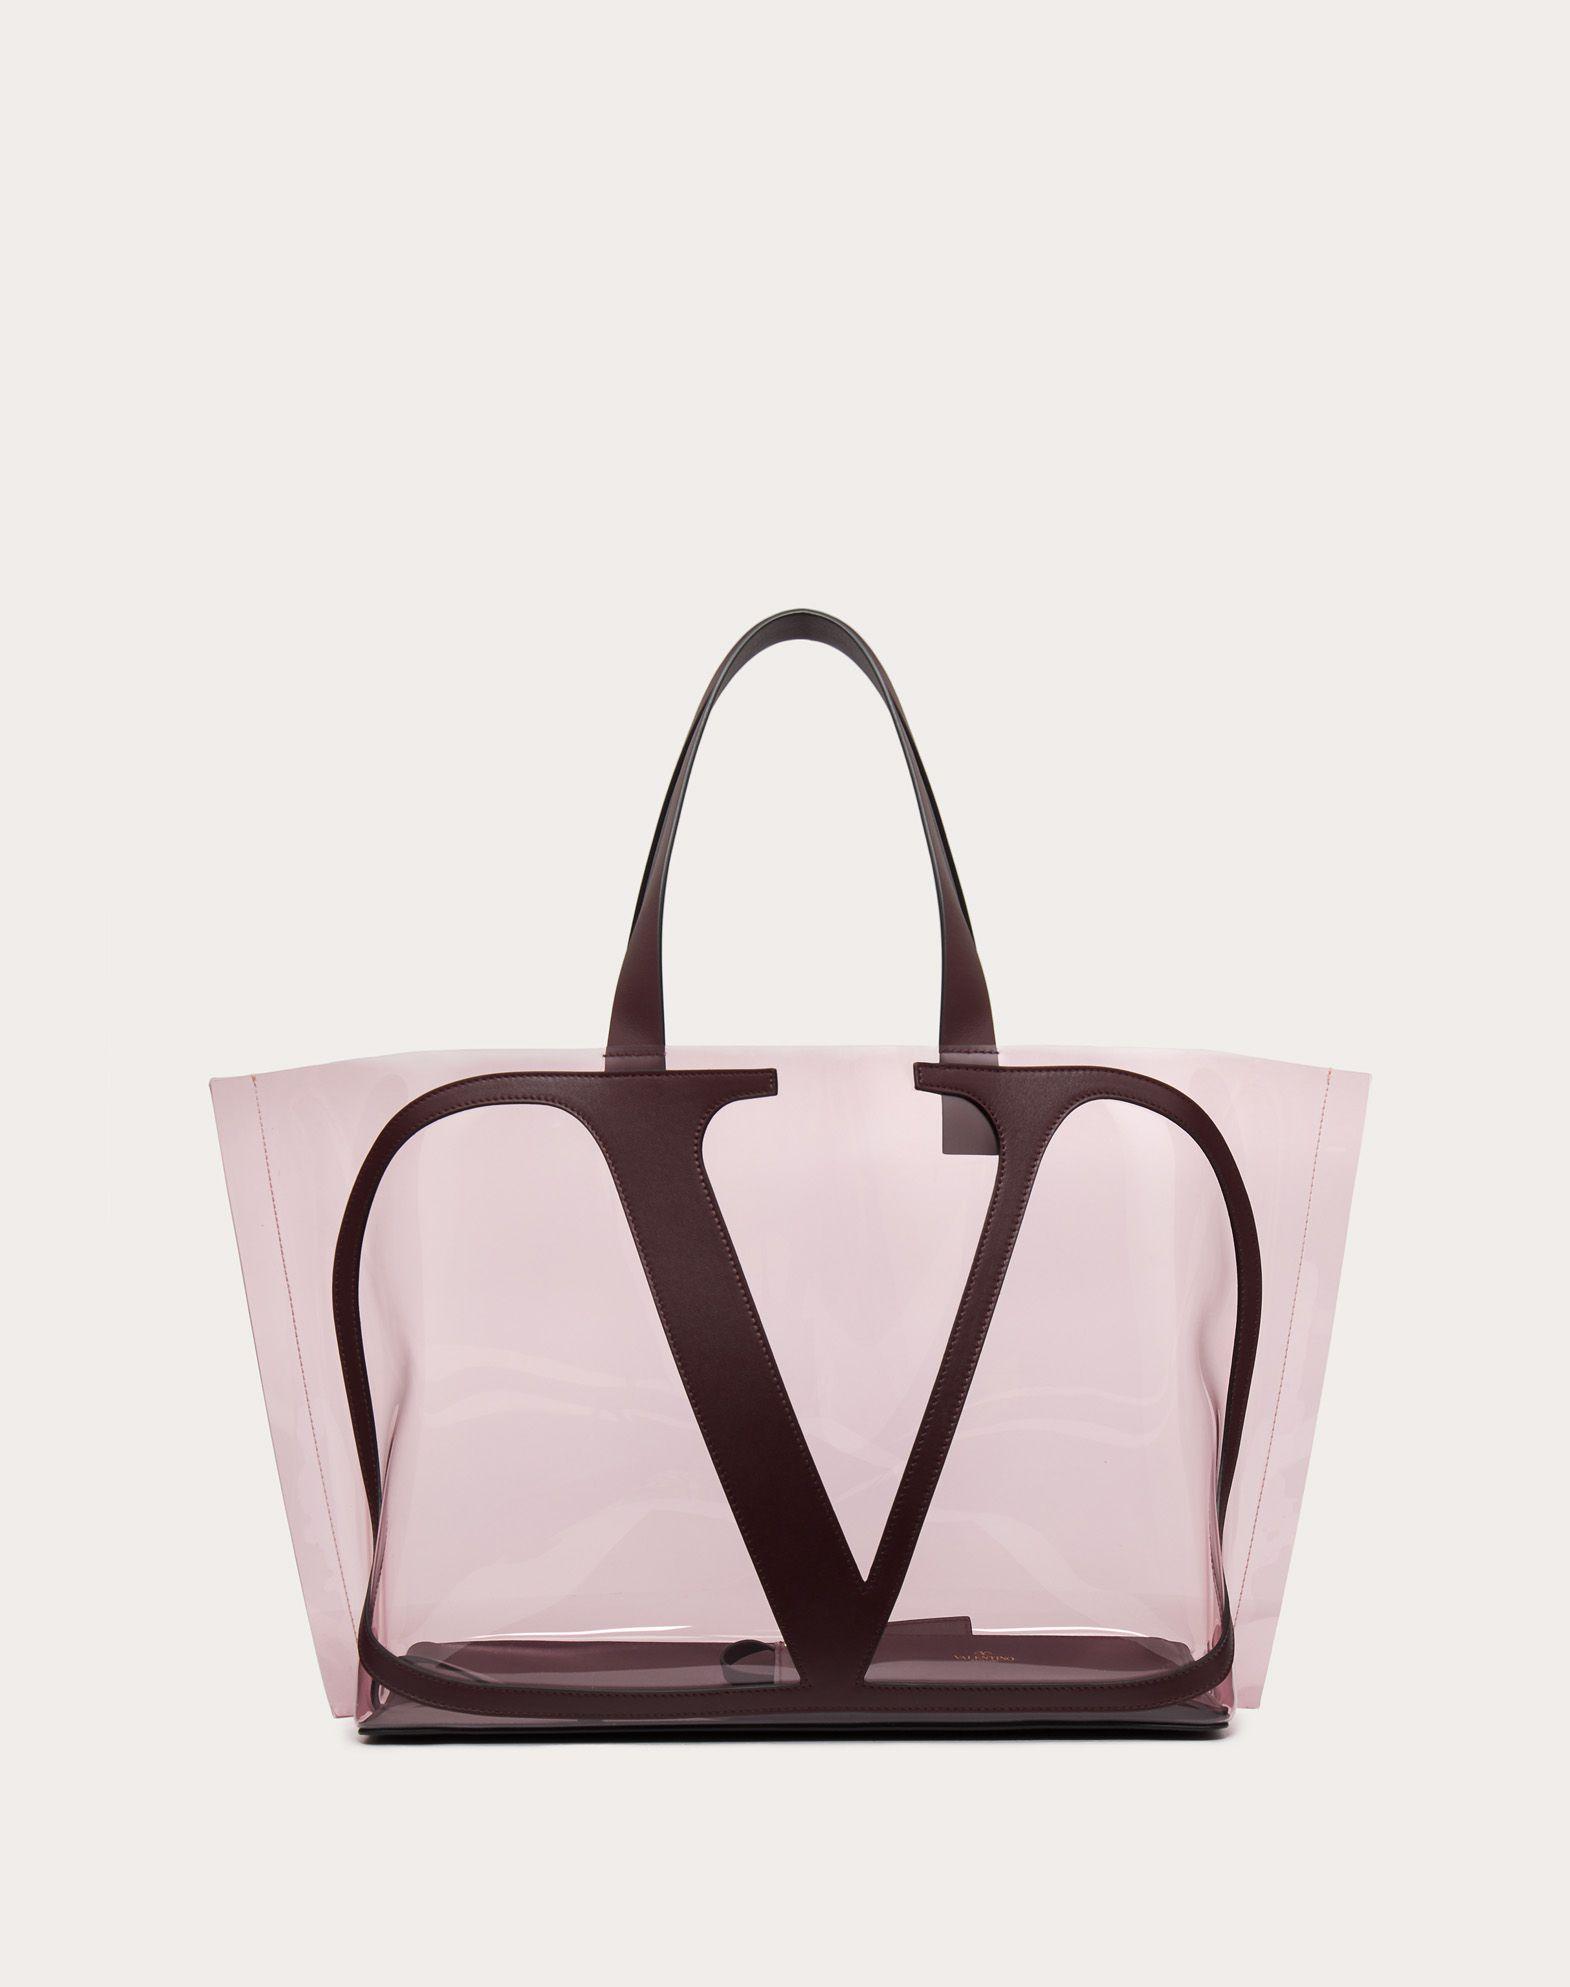 Borsa Shopping VLOGO Beach Bag in  Polimero Colorato